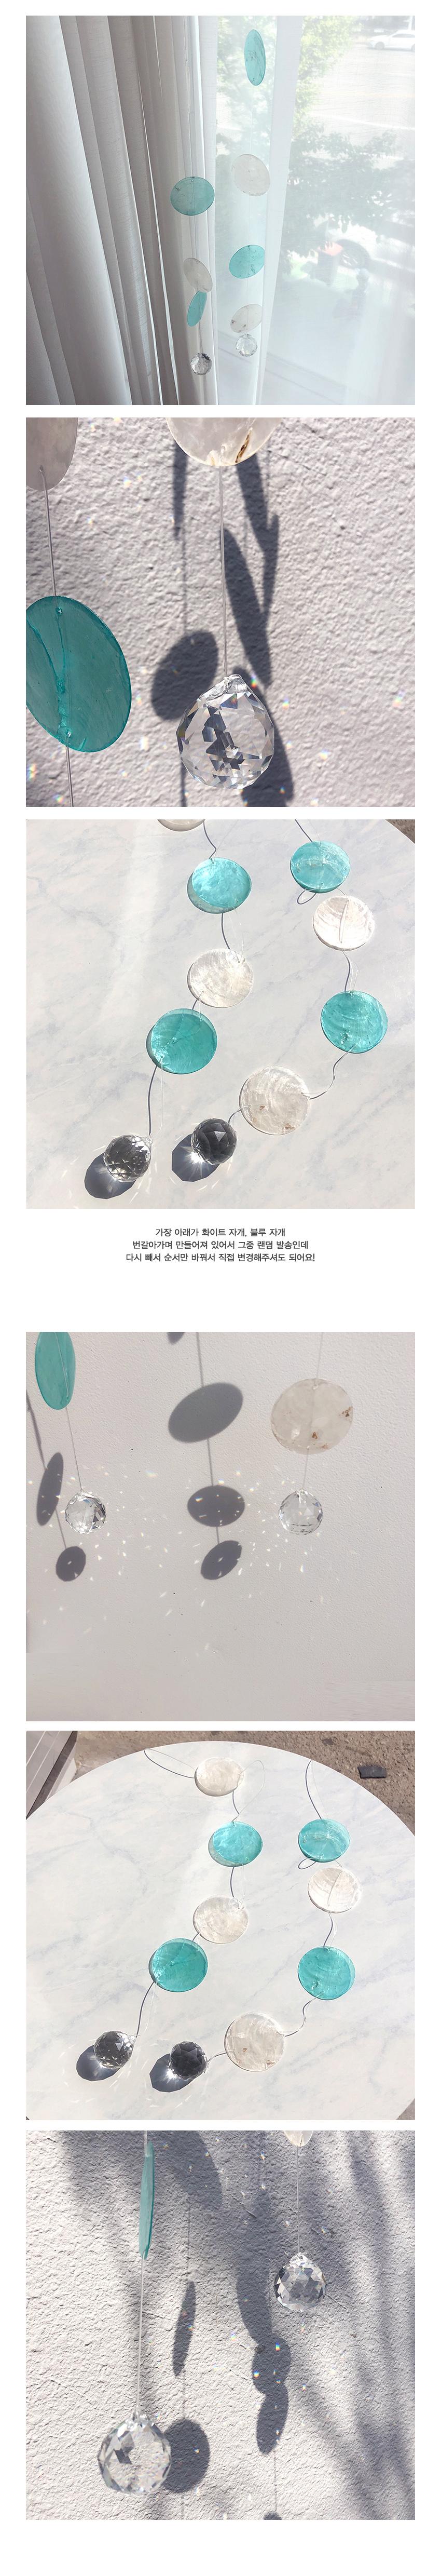 크리스탈 여름 자개 모빌 - 피우다, 12,000원, 장식/부자재, 벽장식